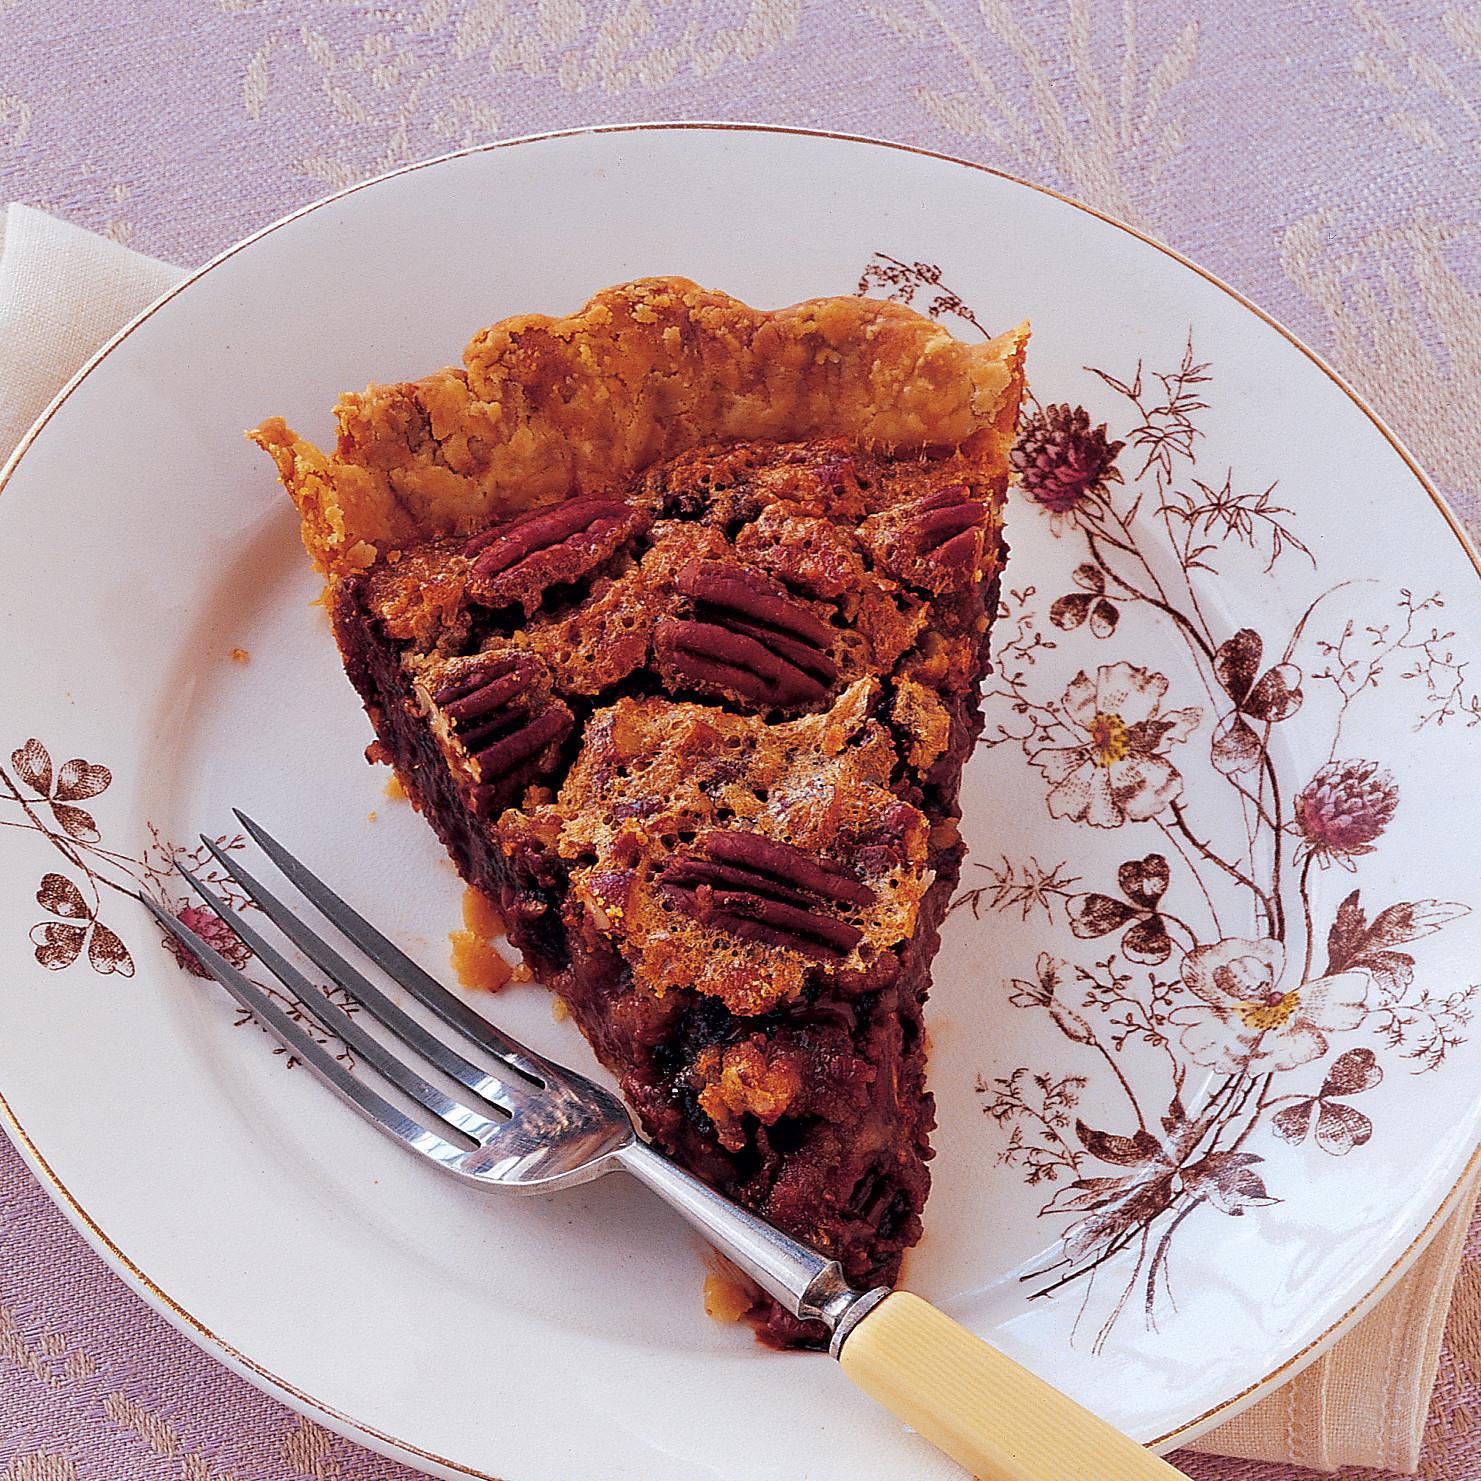 Chocolate-Bourbon-Pecan Pie